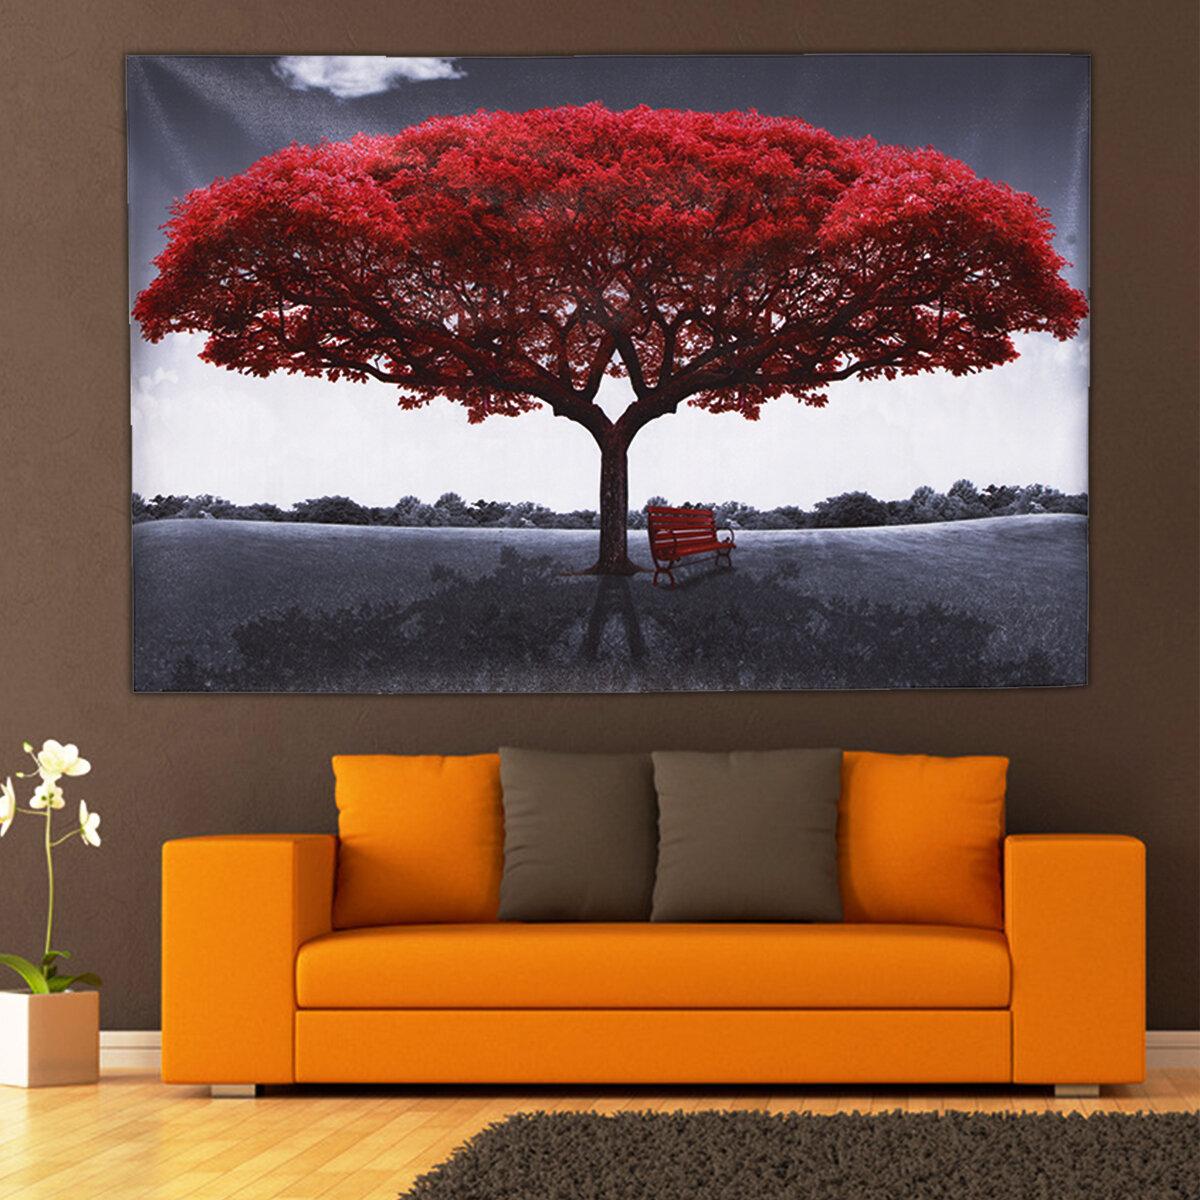 Granárbolrojodelalona decoración de la pared del hogar moderno Pinturas de arte Imagen Imprimir sin marco Decoracio